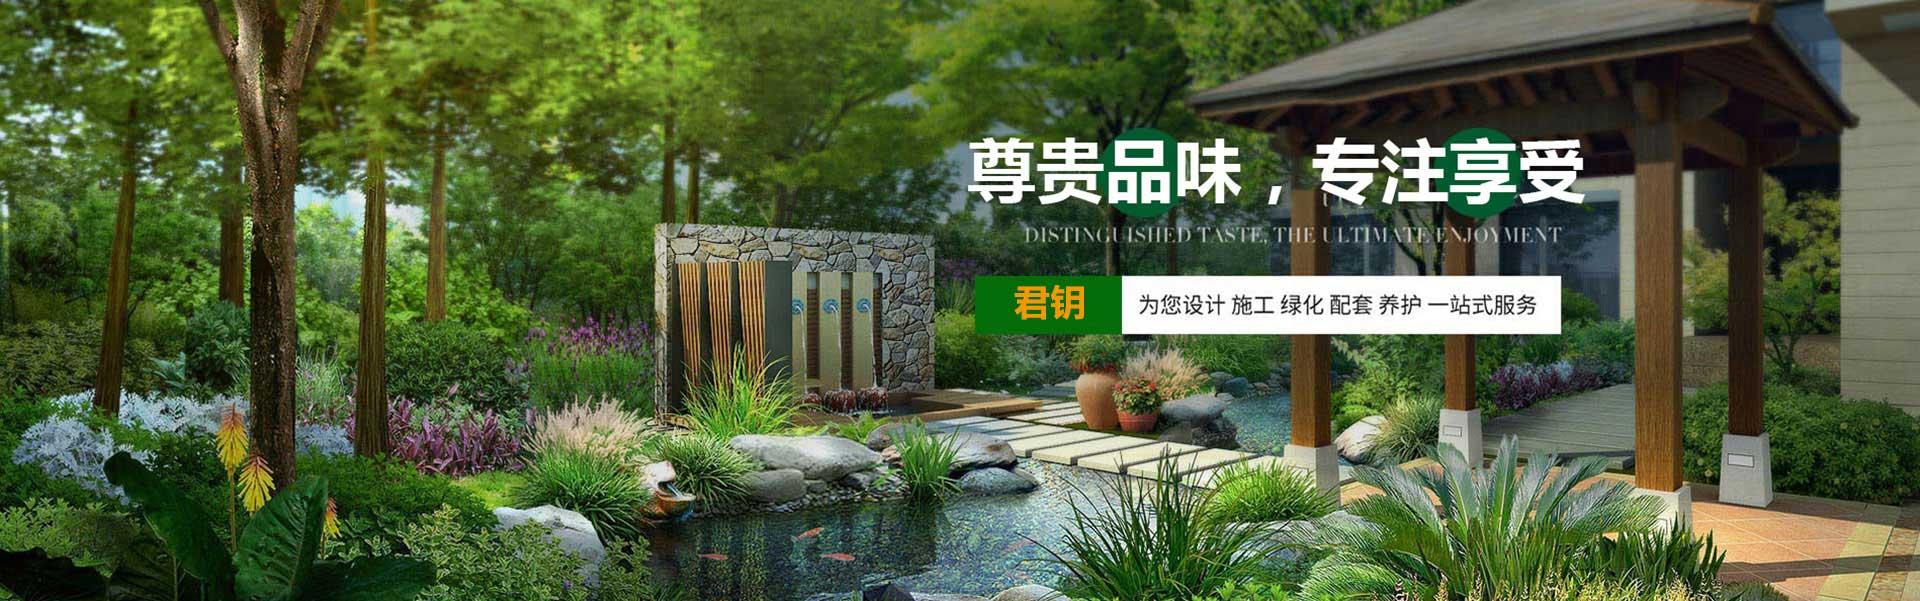 上海园林绿化工程